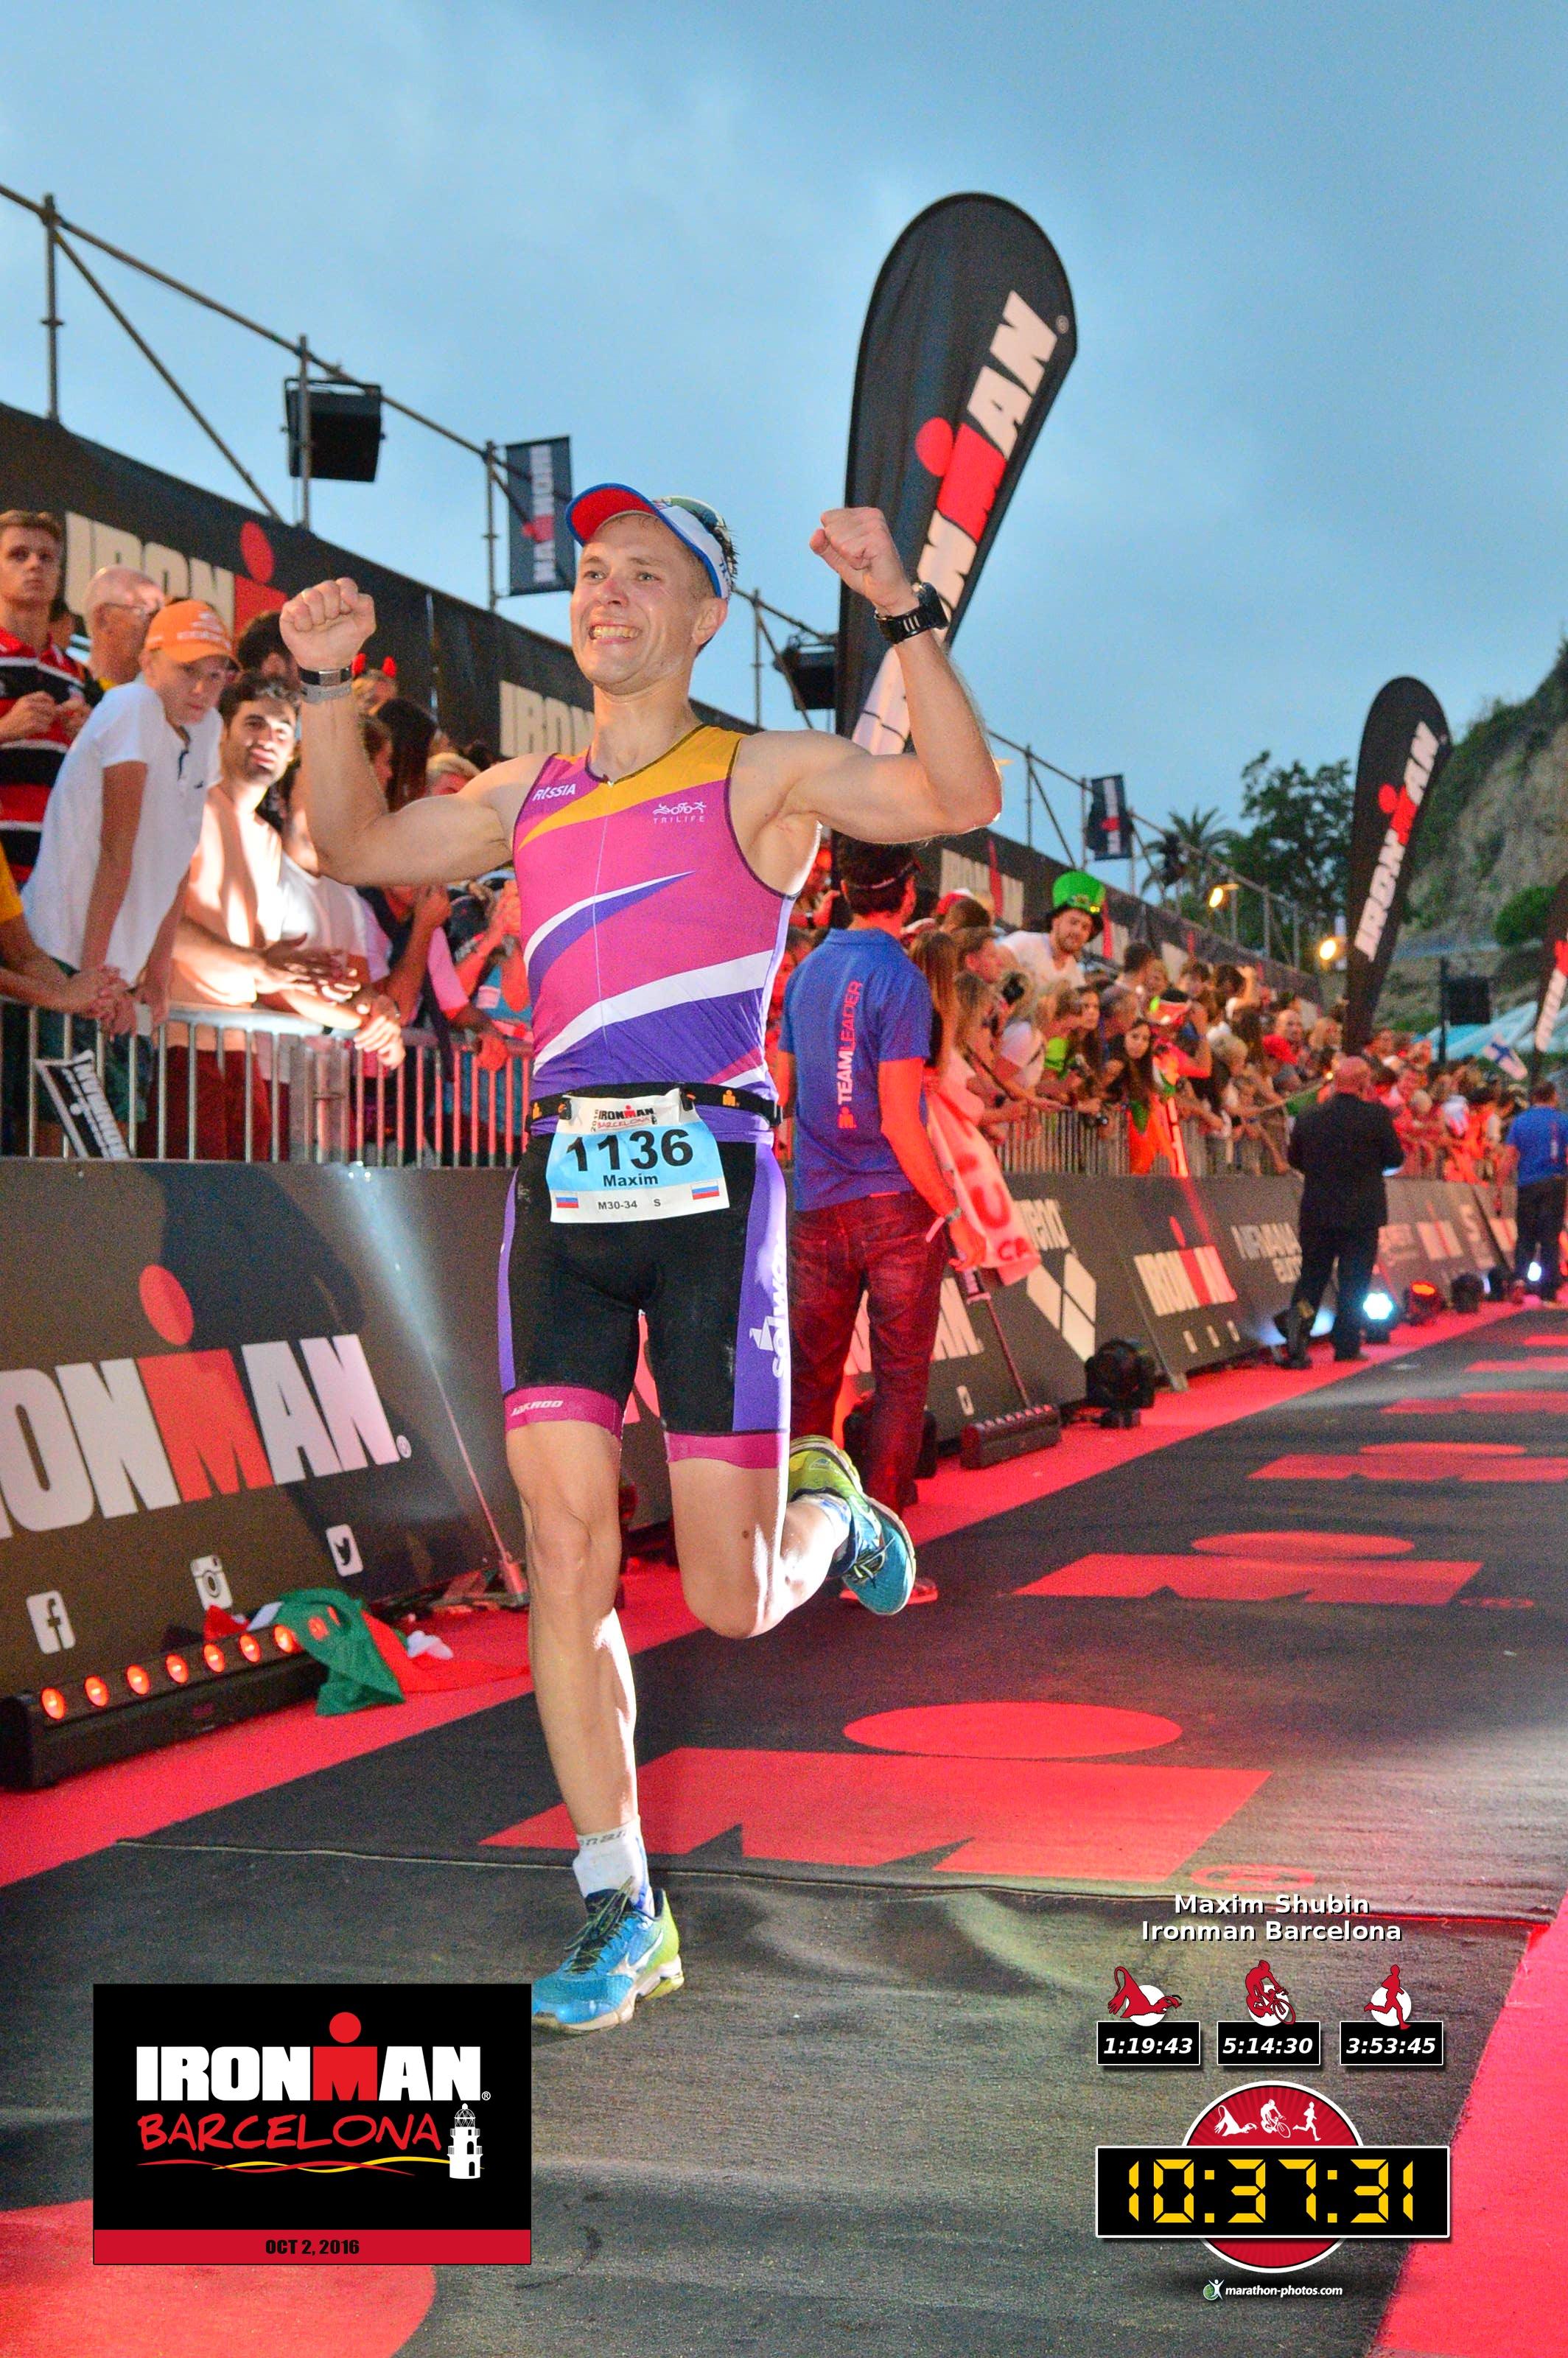 Финишная прямая на Ironman Barcelona